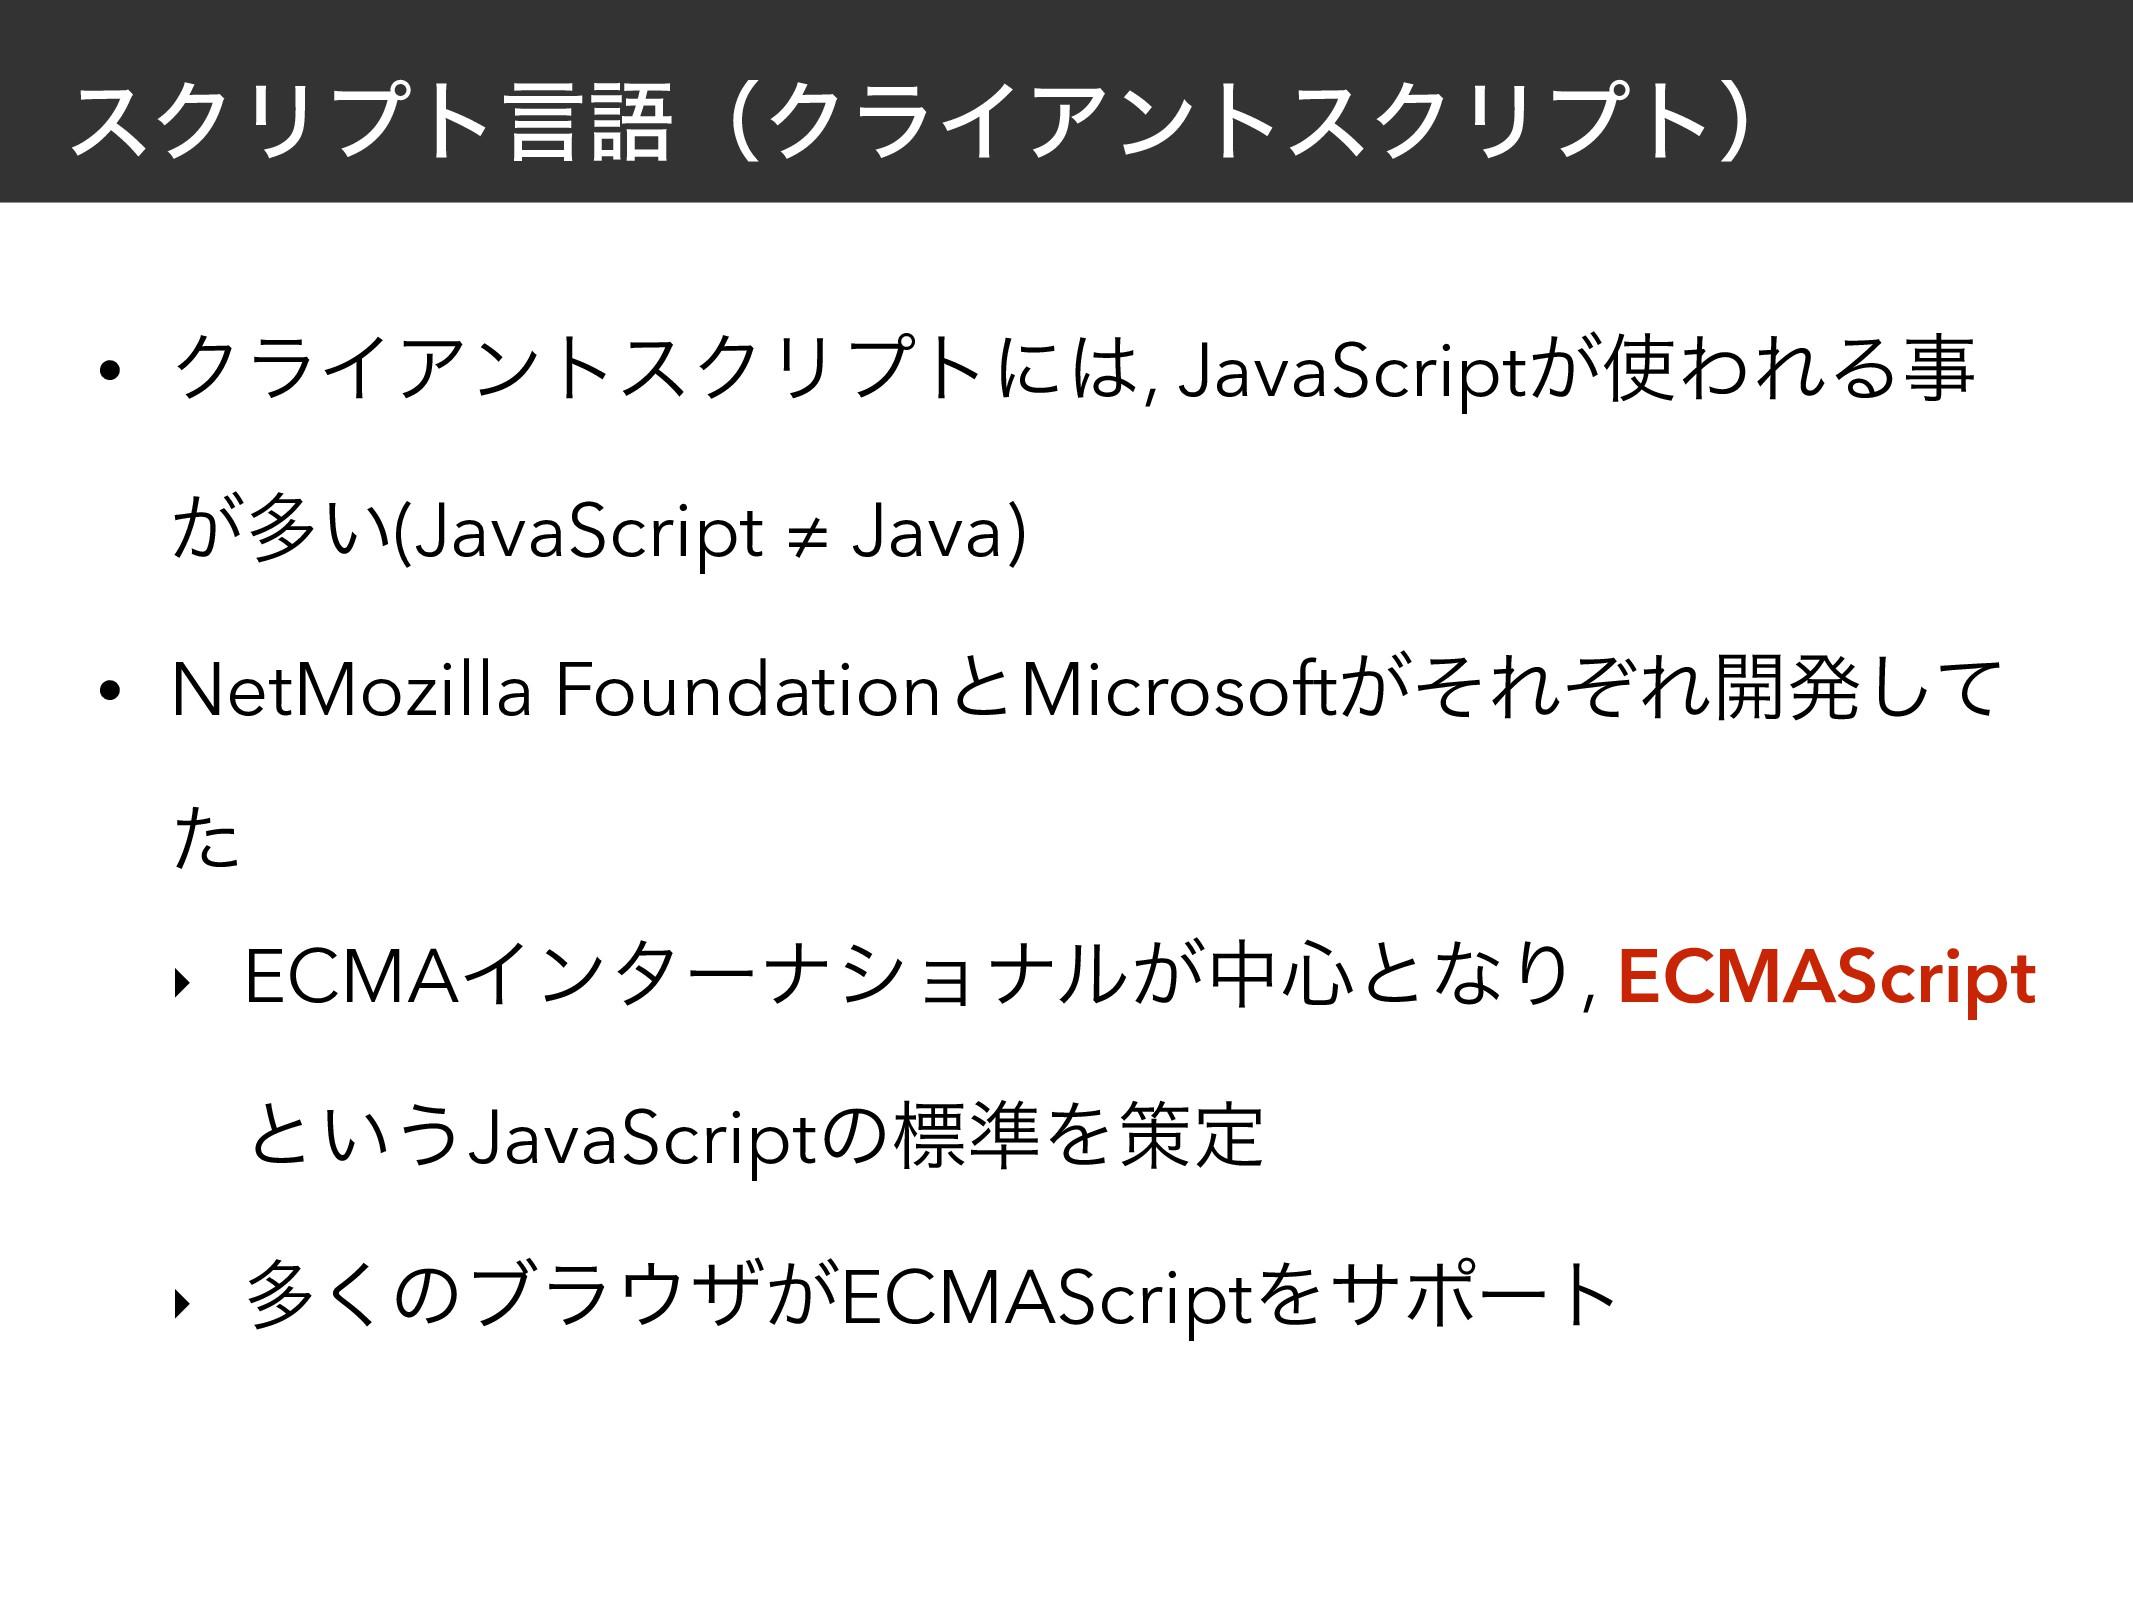 εΫϦϓτݴޠʢΫϥΠΞϯτεΫϦϓτʣ • ΫϥΠΞϯτεΫϦϓτʹ, JavaScrip...